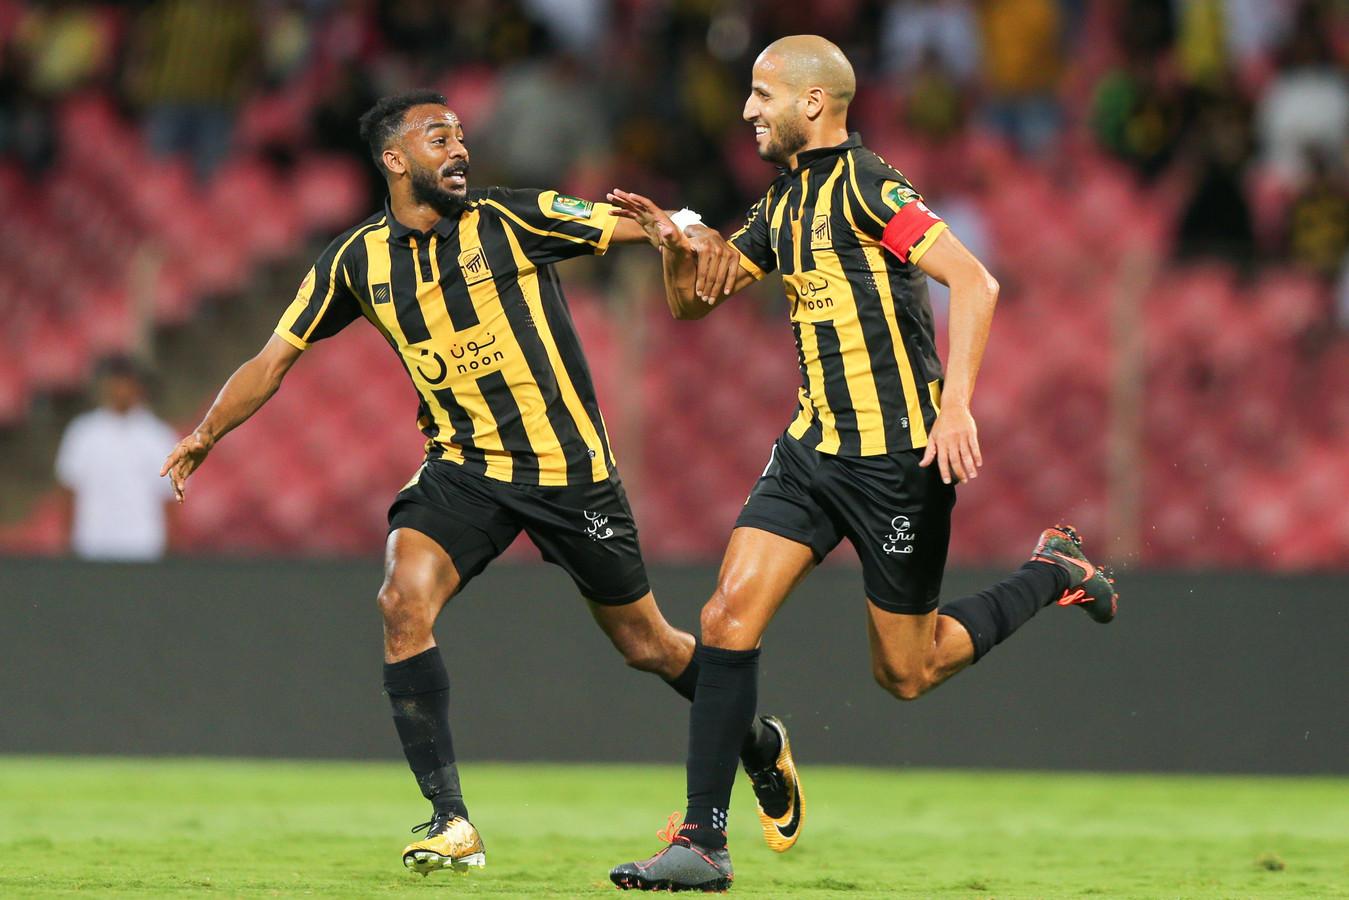 Karim EL Ahmadi (rechts) viert een treffer namens zijn club  Al-Ittihad.